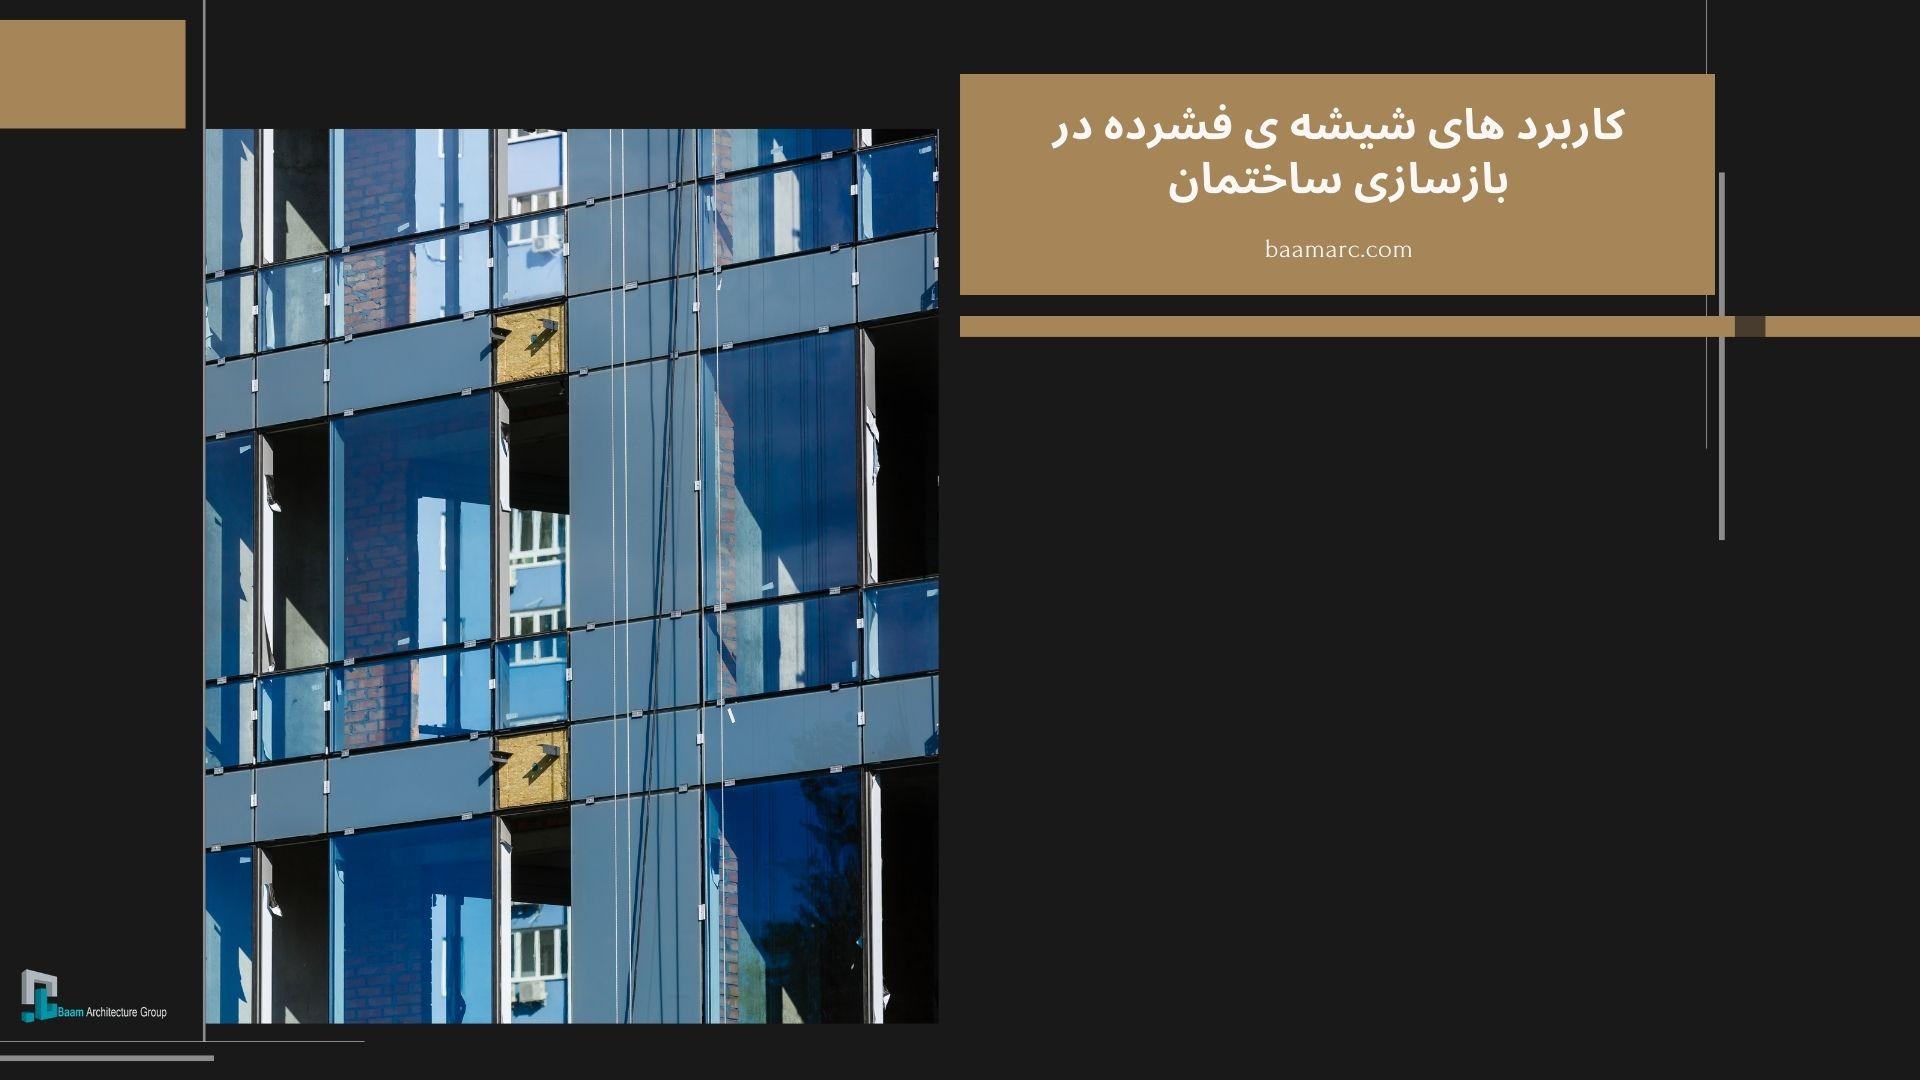 کاربرد های شیشه ی فشرده در بازسازی ساختمان